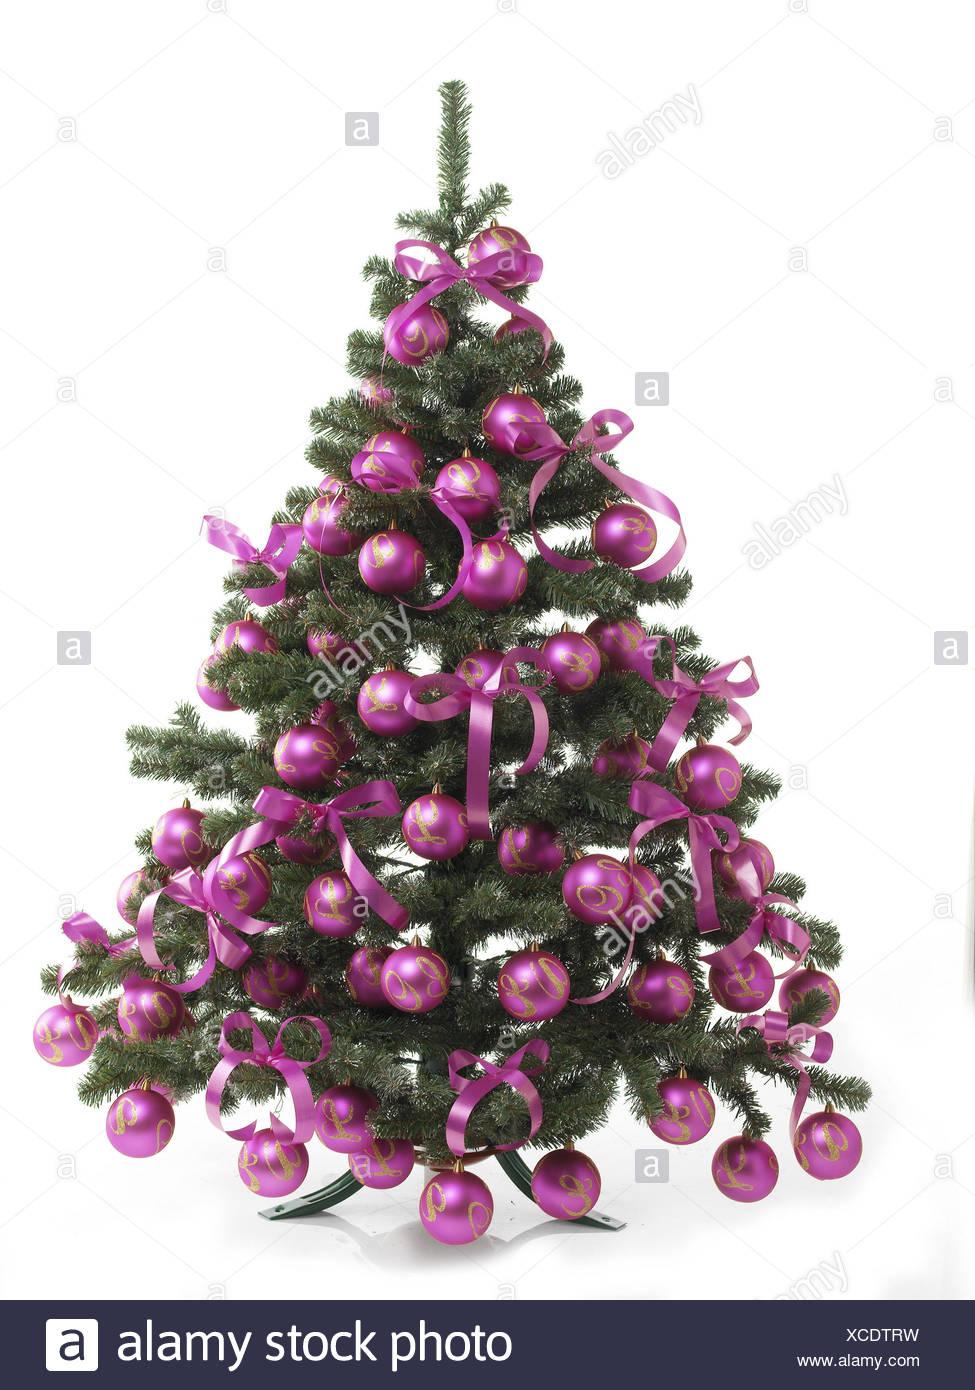 Schleifen Weihnachtsbaum.Weihnachtsbaum Stillleben Weihnachten Weihnachten Baum